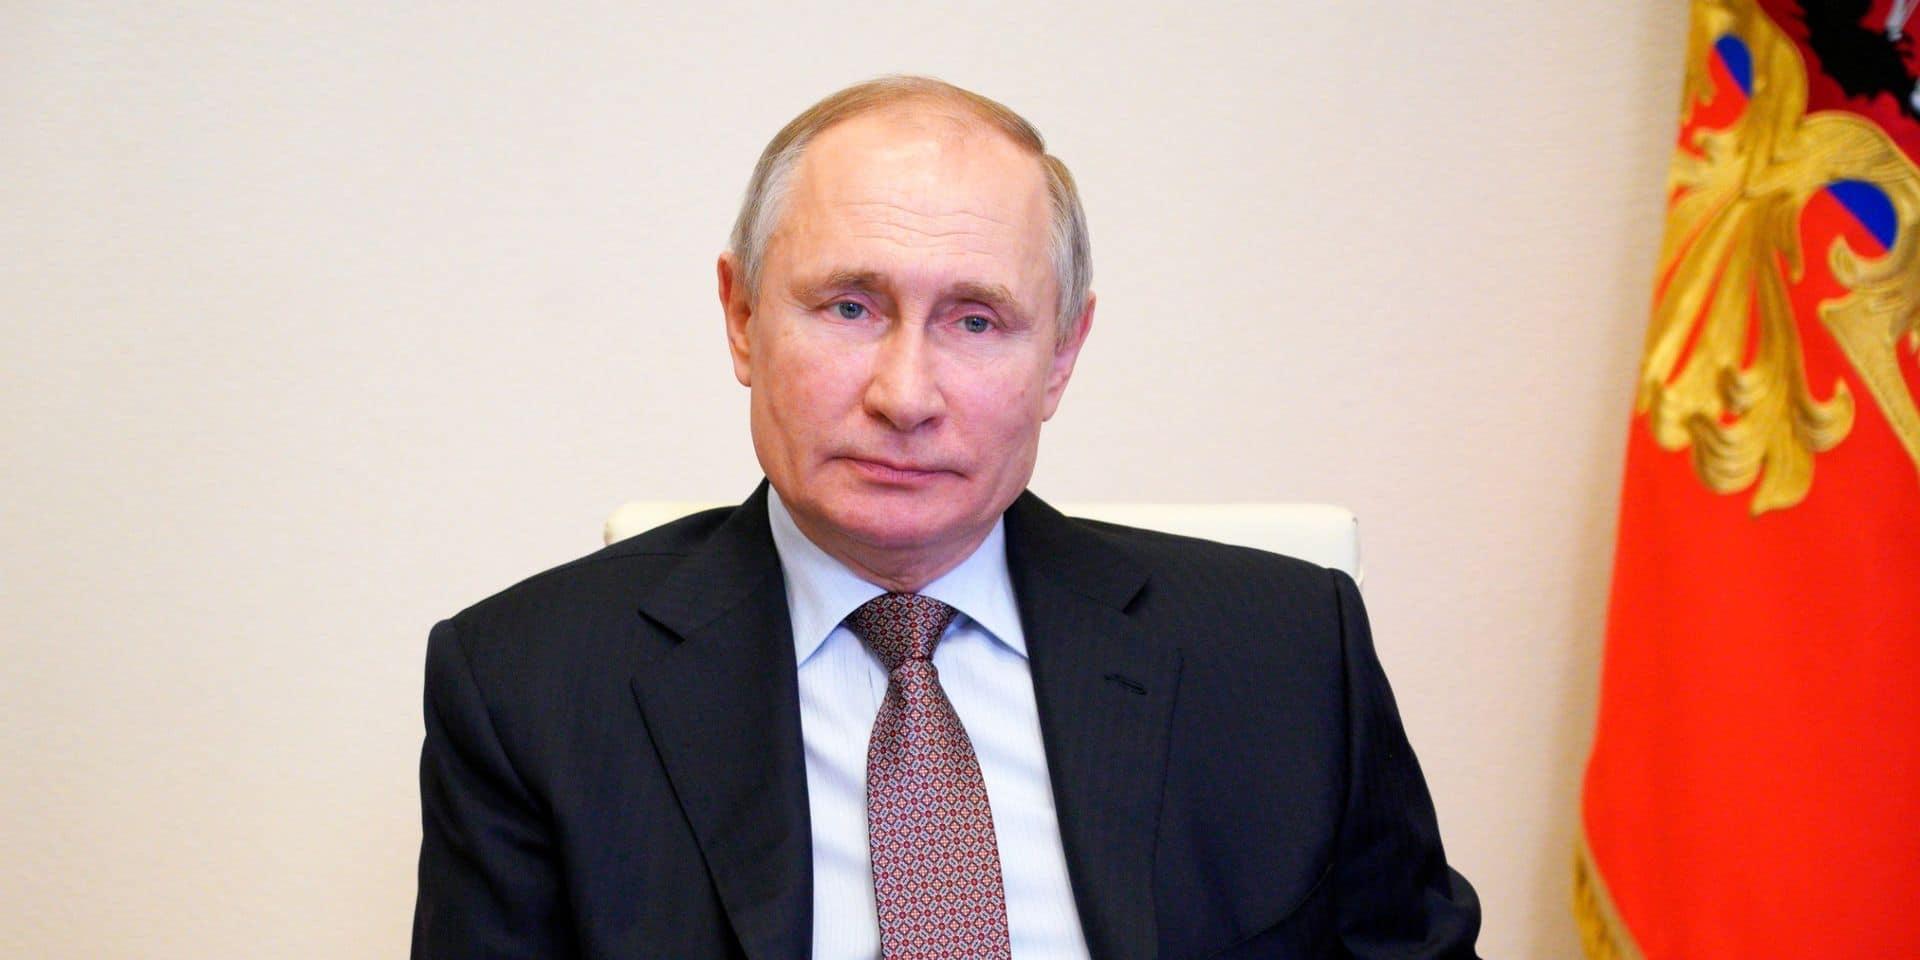 Vladimir Poutine s'autorise à rester au pouvoir jusqu'à ses 83 ans